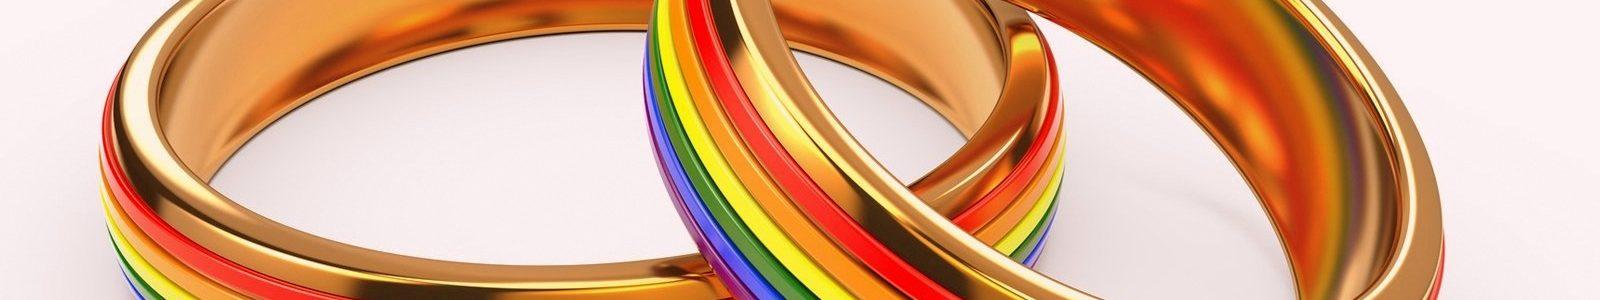 Свадьба под знаком радуги: оформляем разноцветных праздник для веселых романтиков